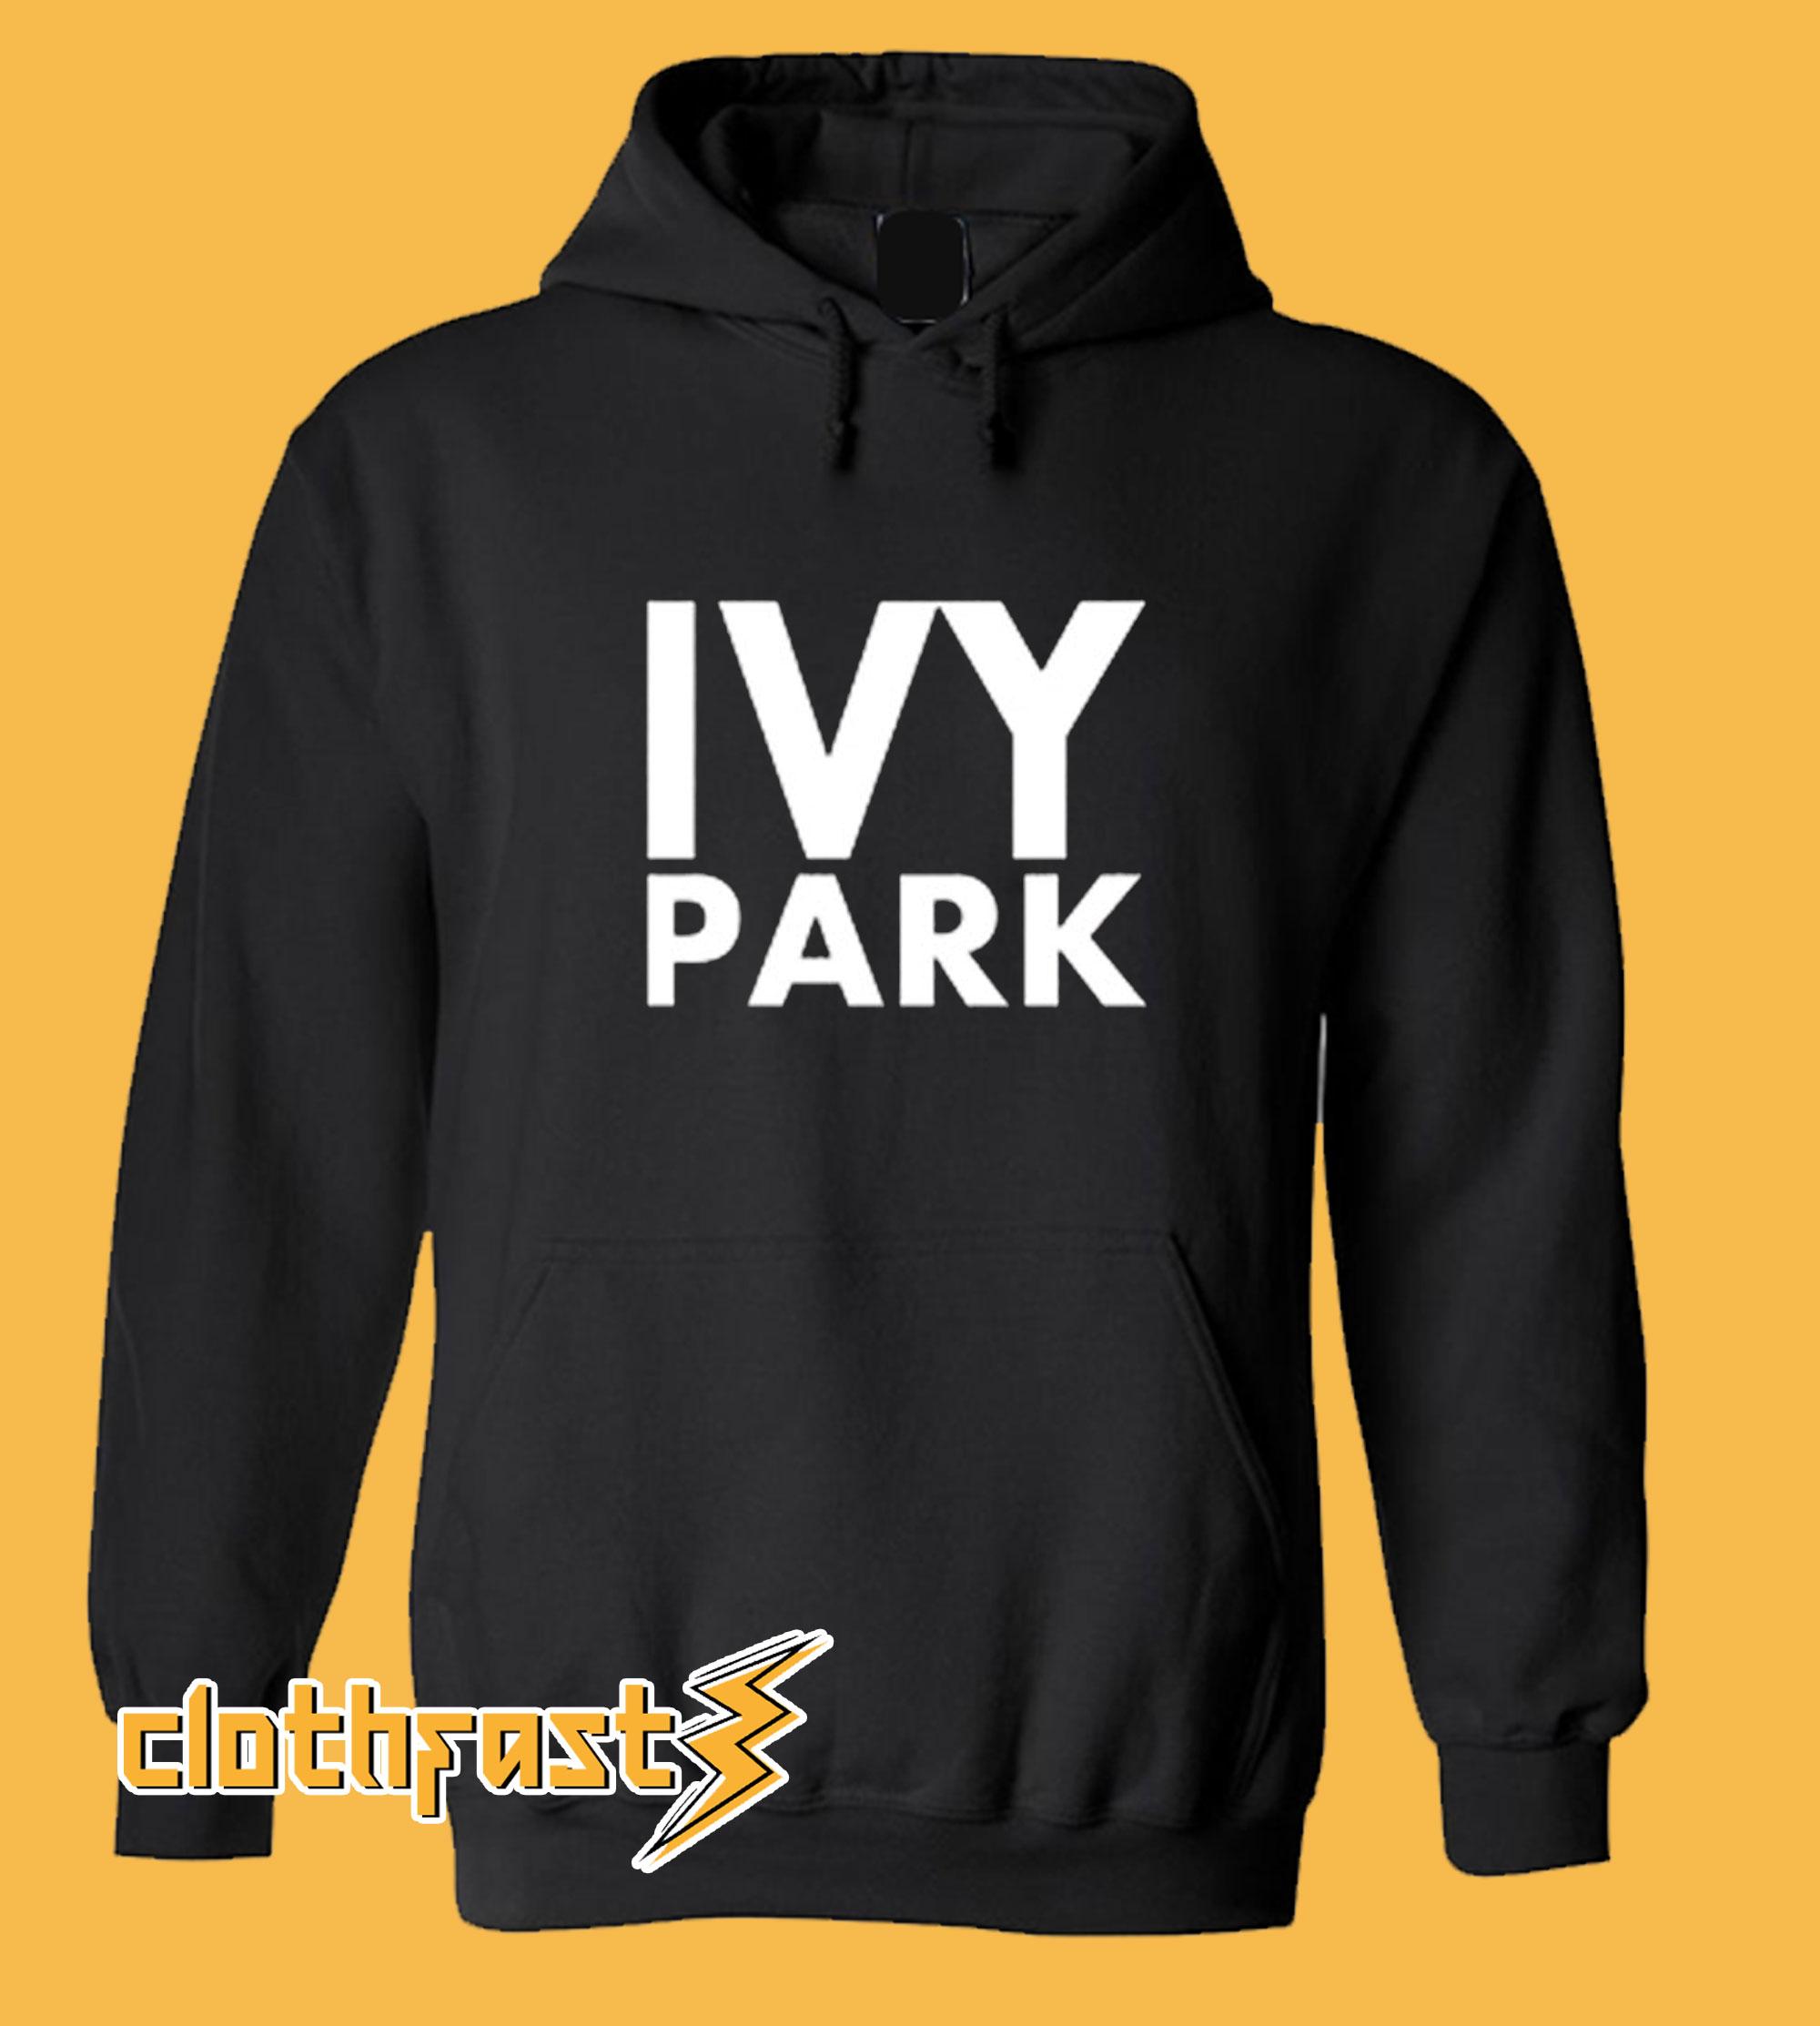 Ivy Park Hoodie